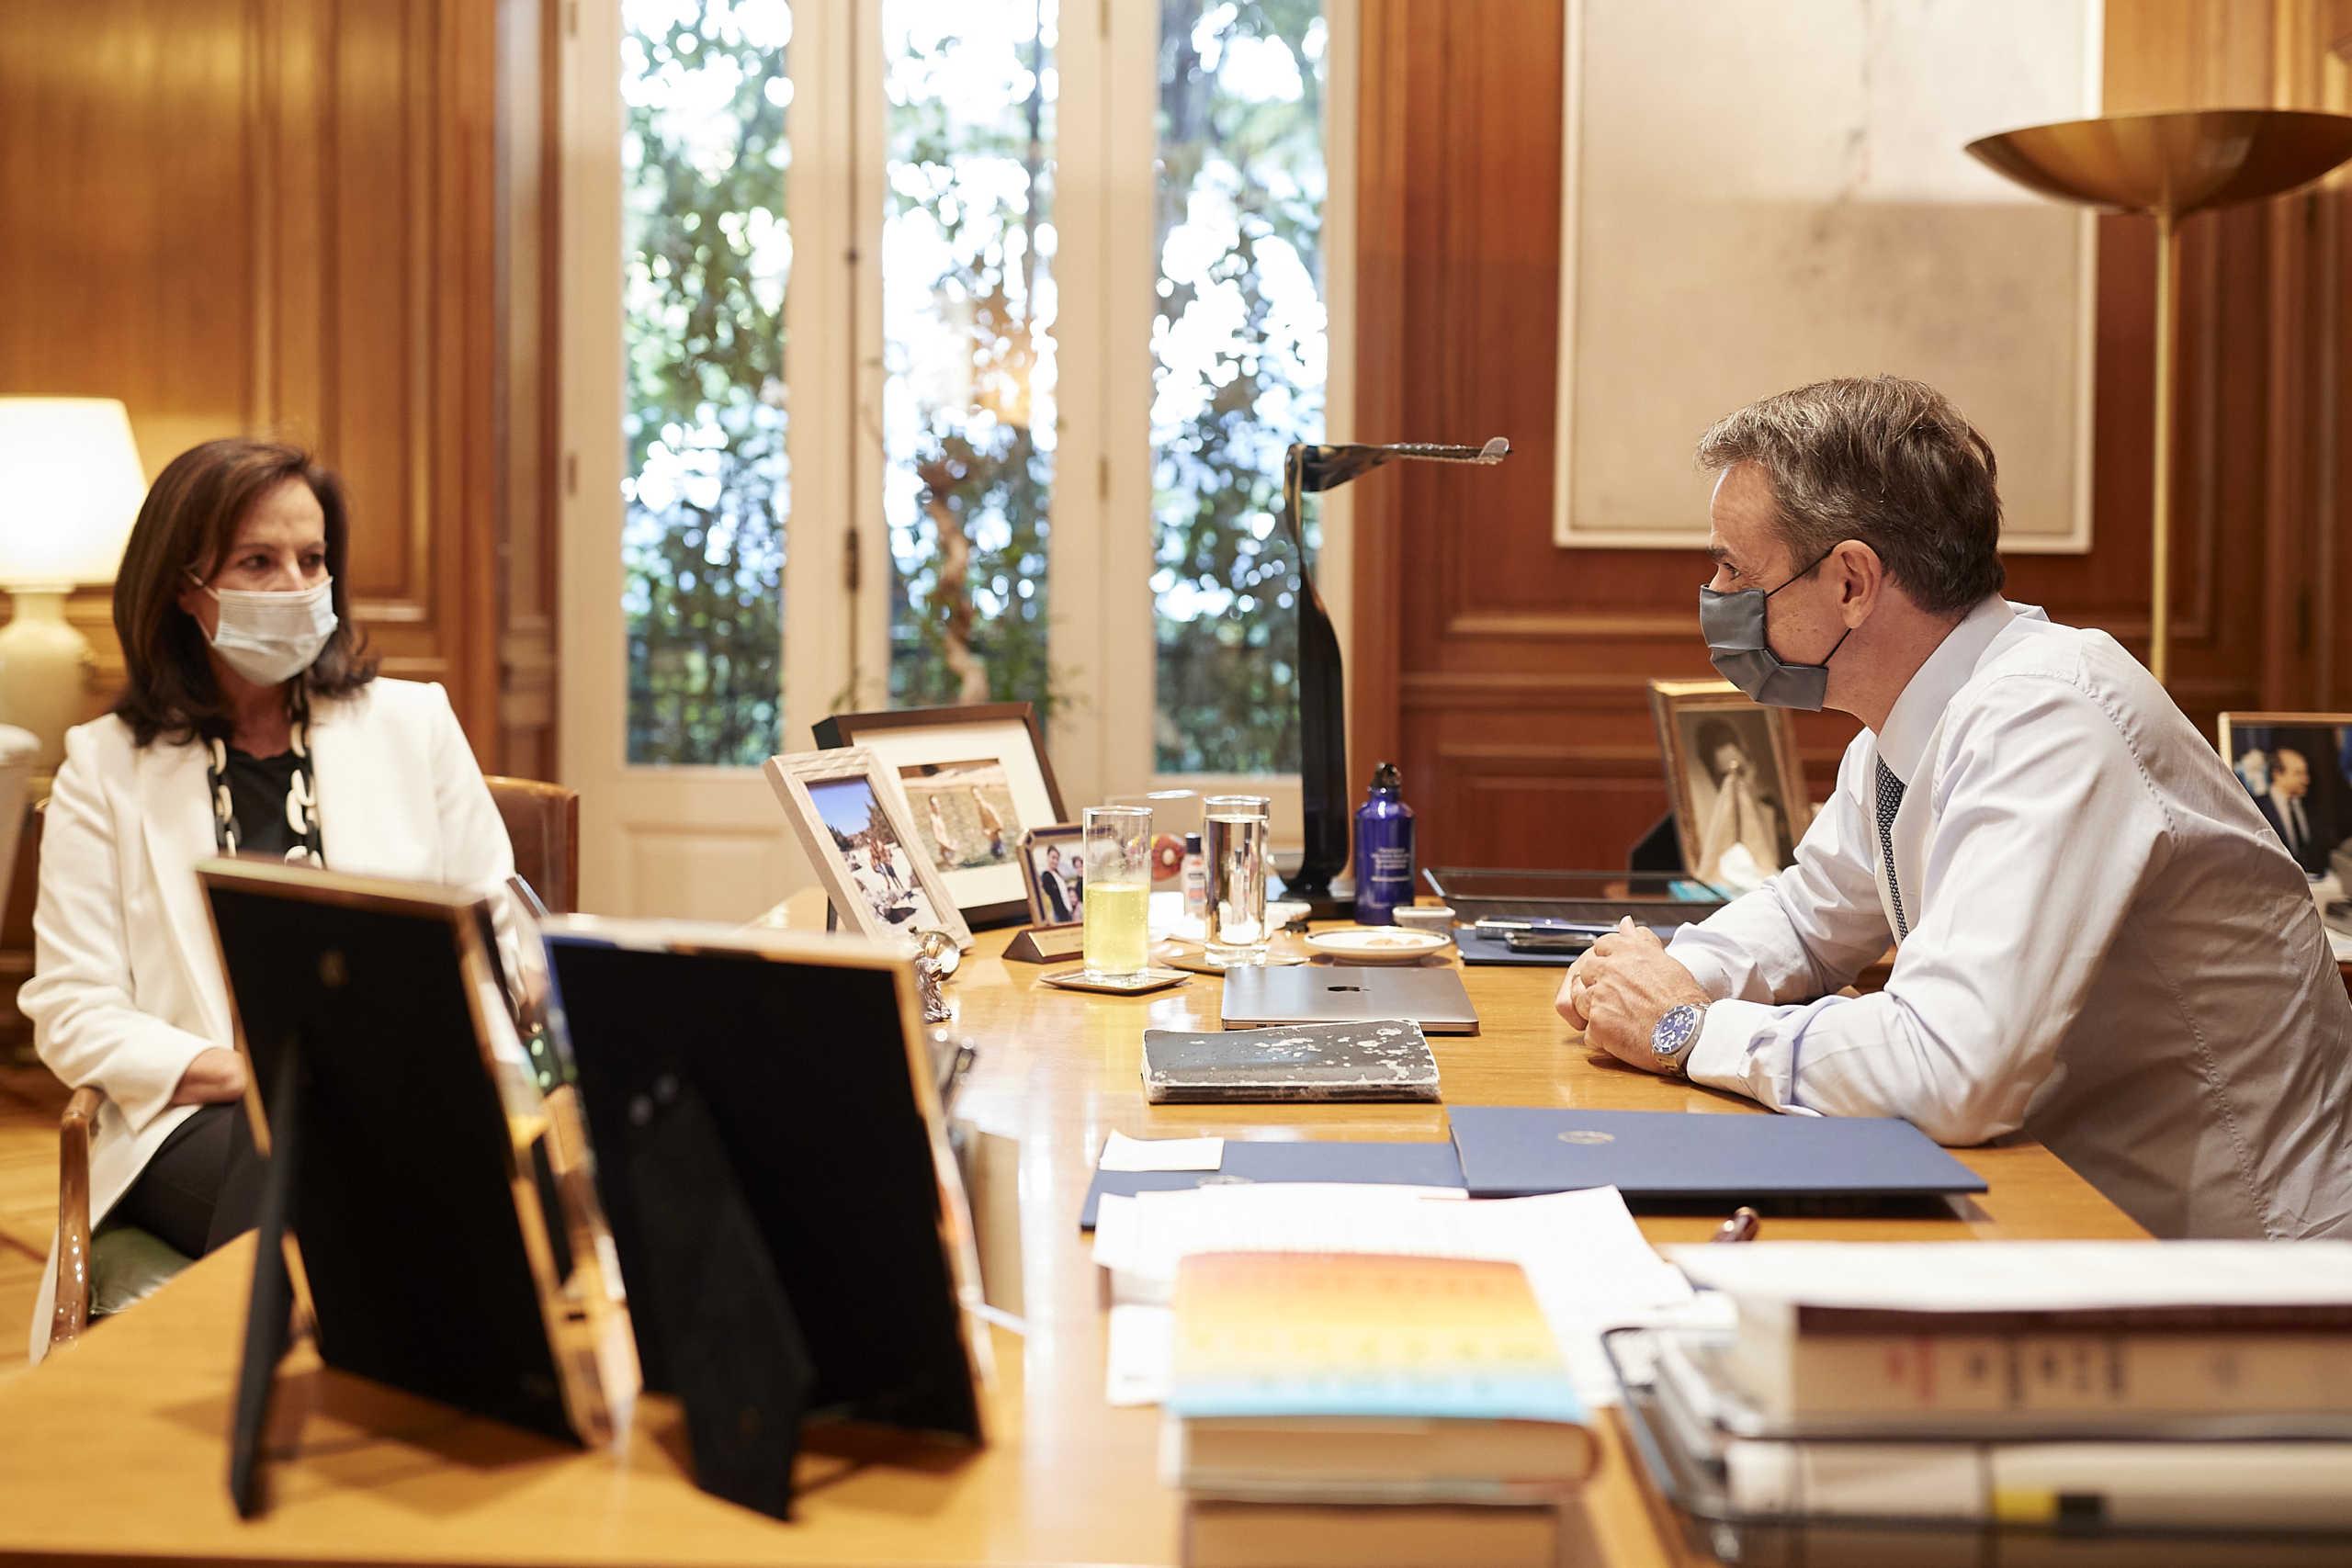 Διαμαντοπούλου: Θα δώσω δύσκολο αγώνα για την θέση στον ΟΟΣΑ